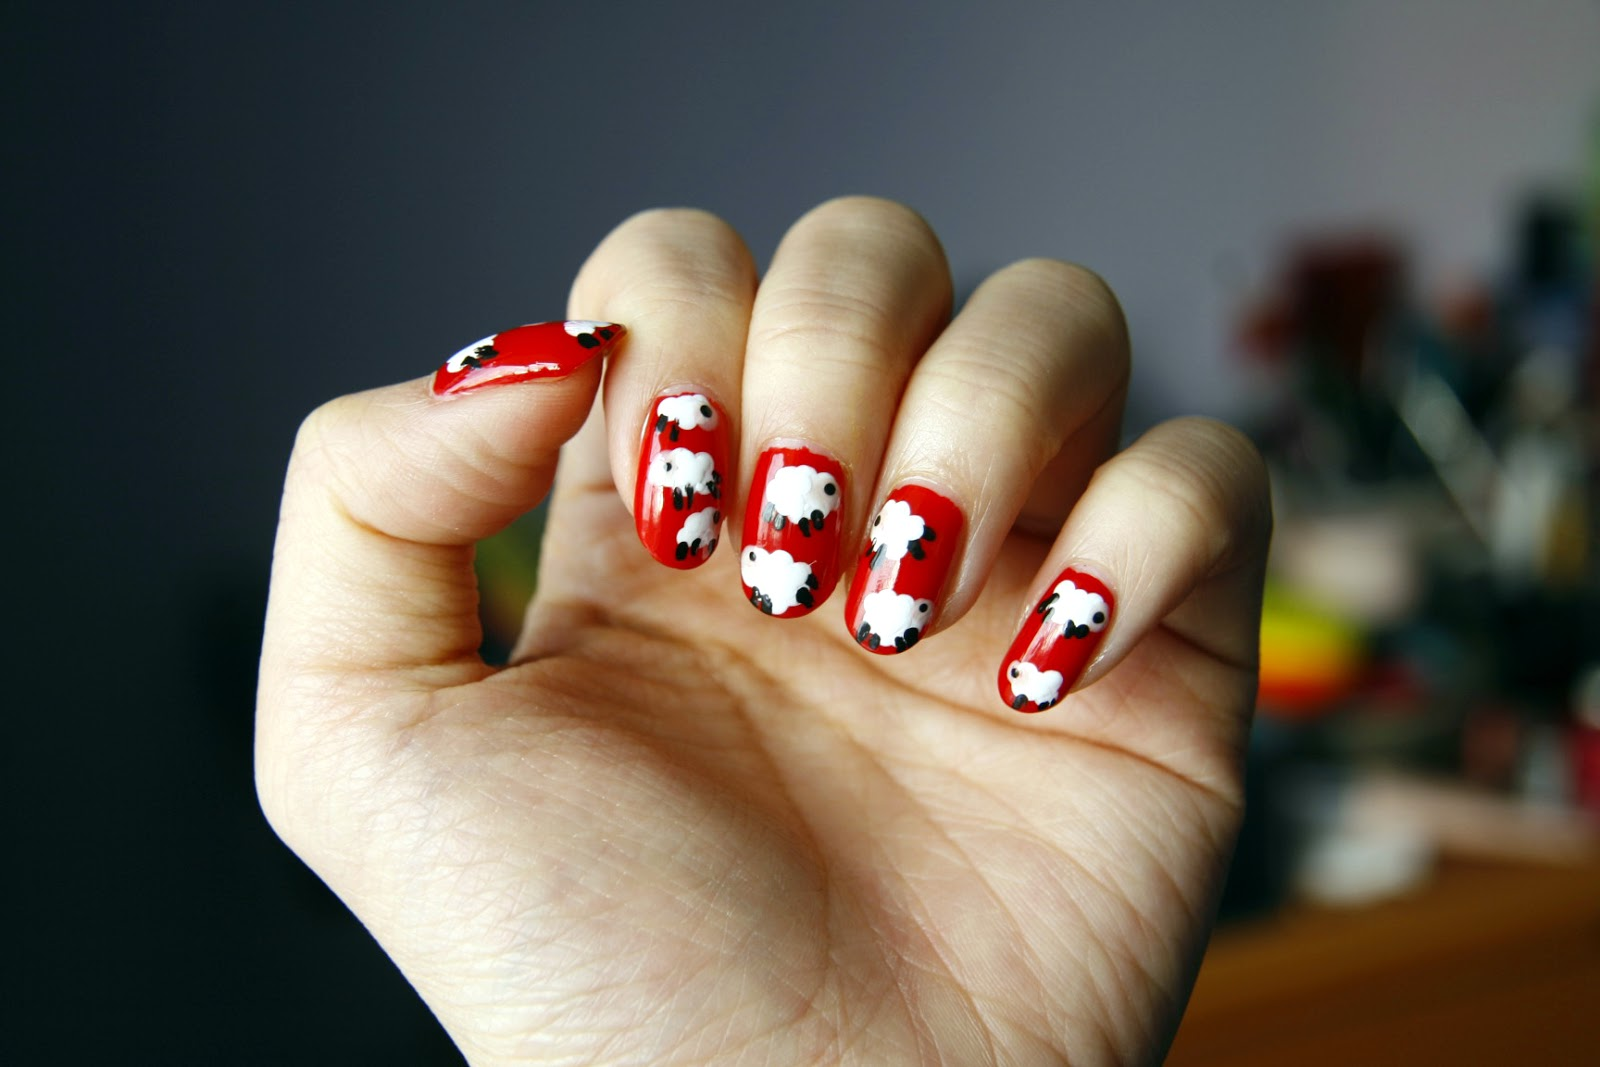 35 Most Stylish Chinese Nail Art Designs